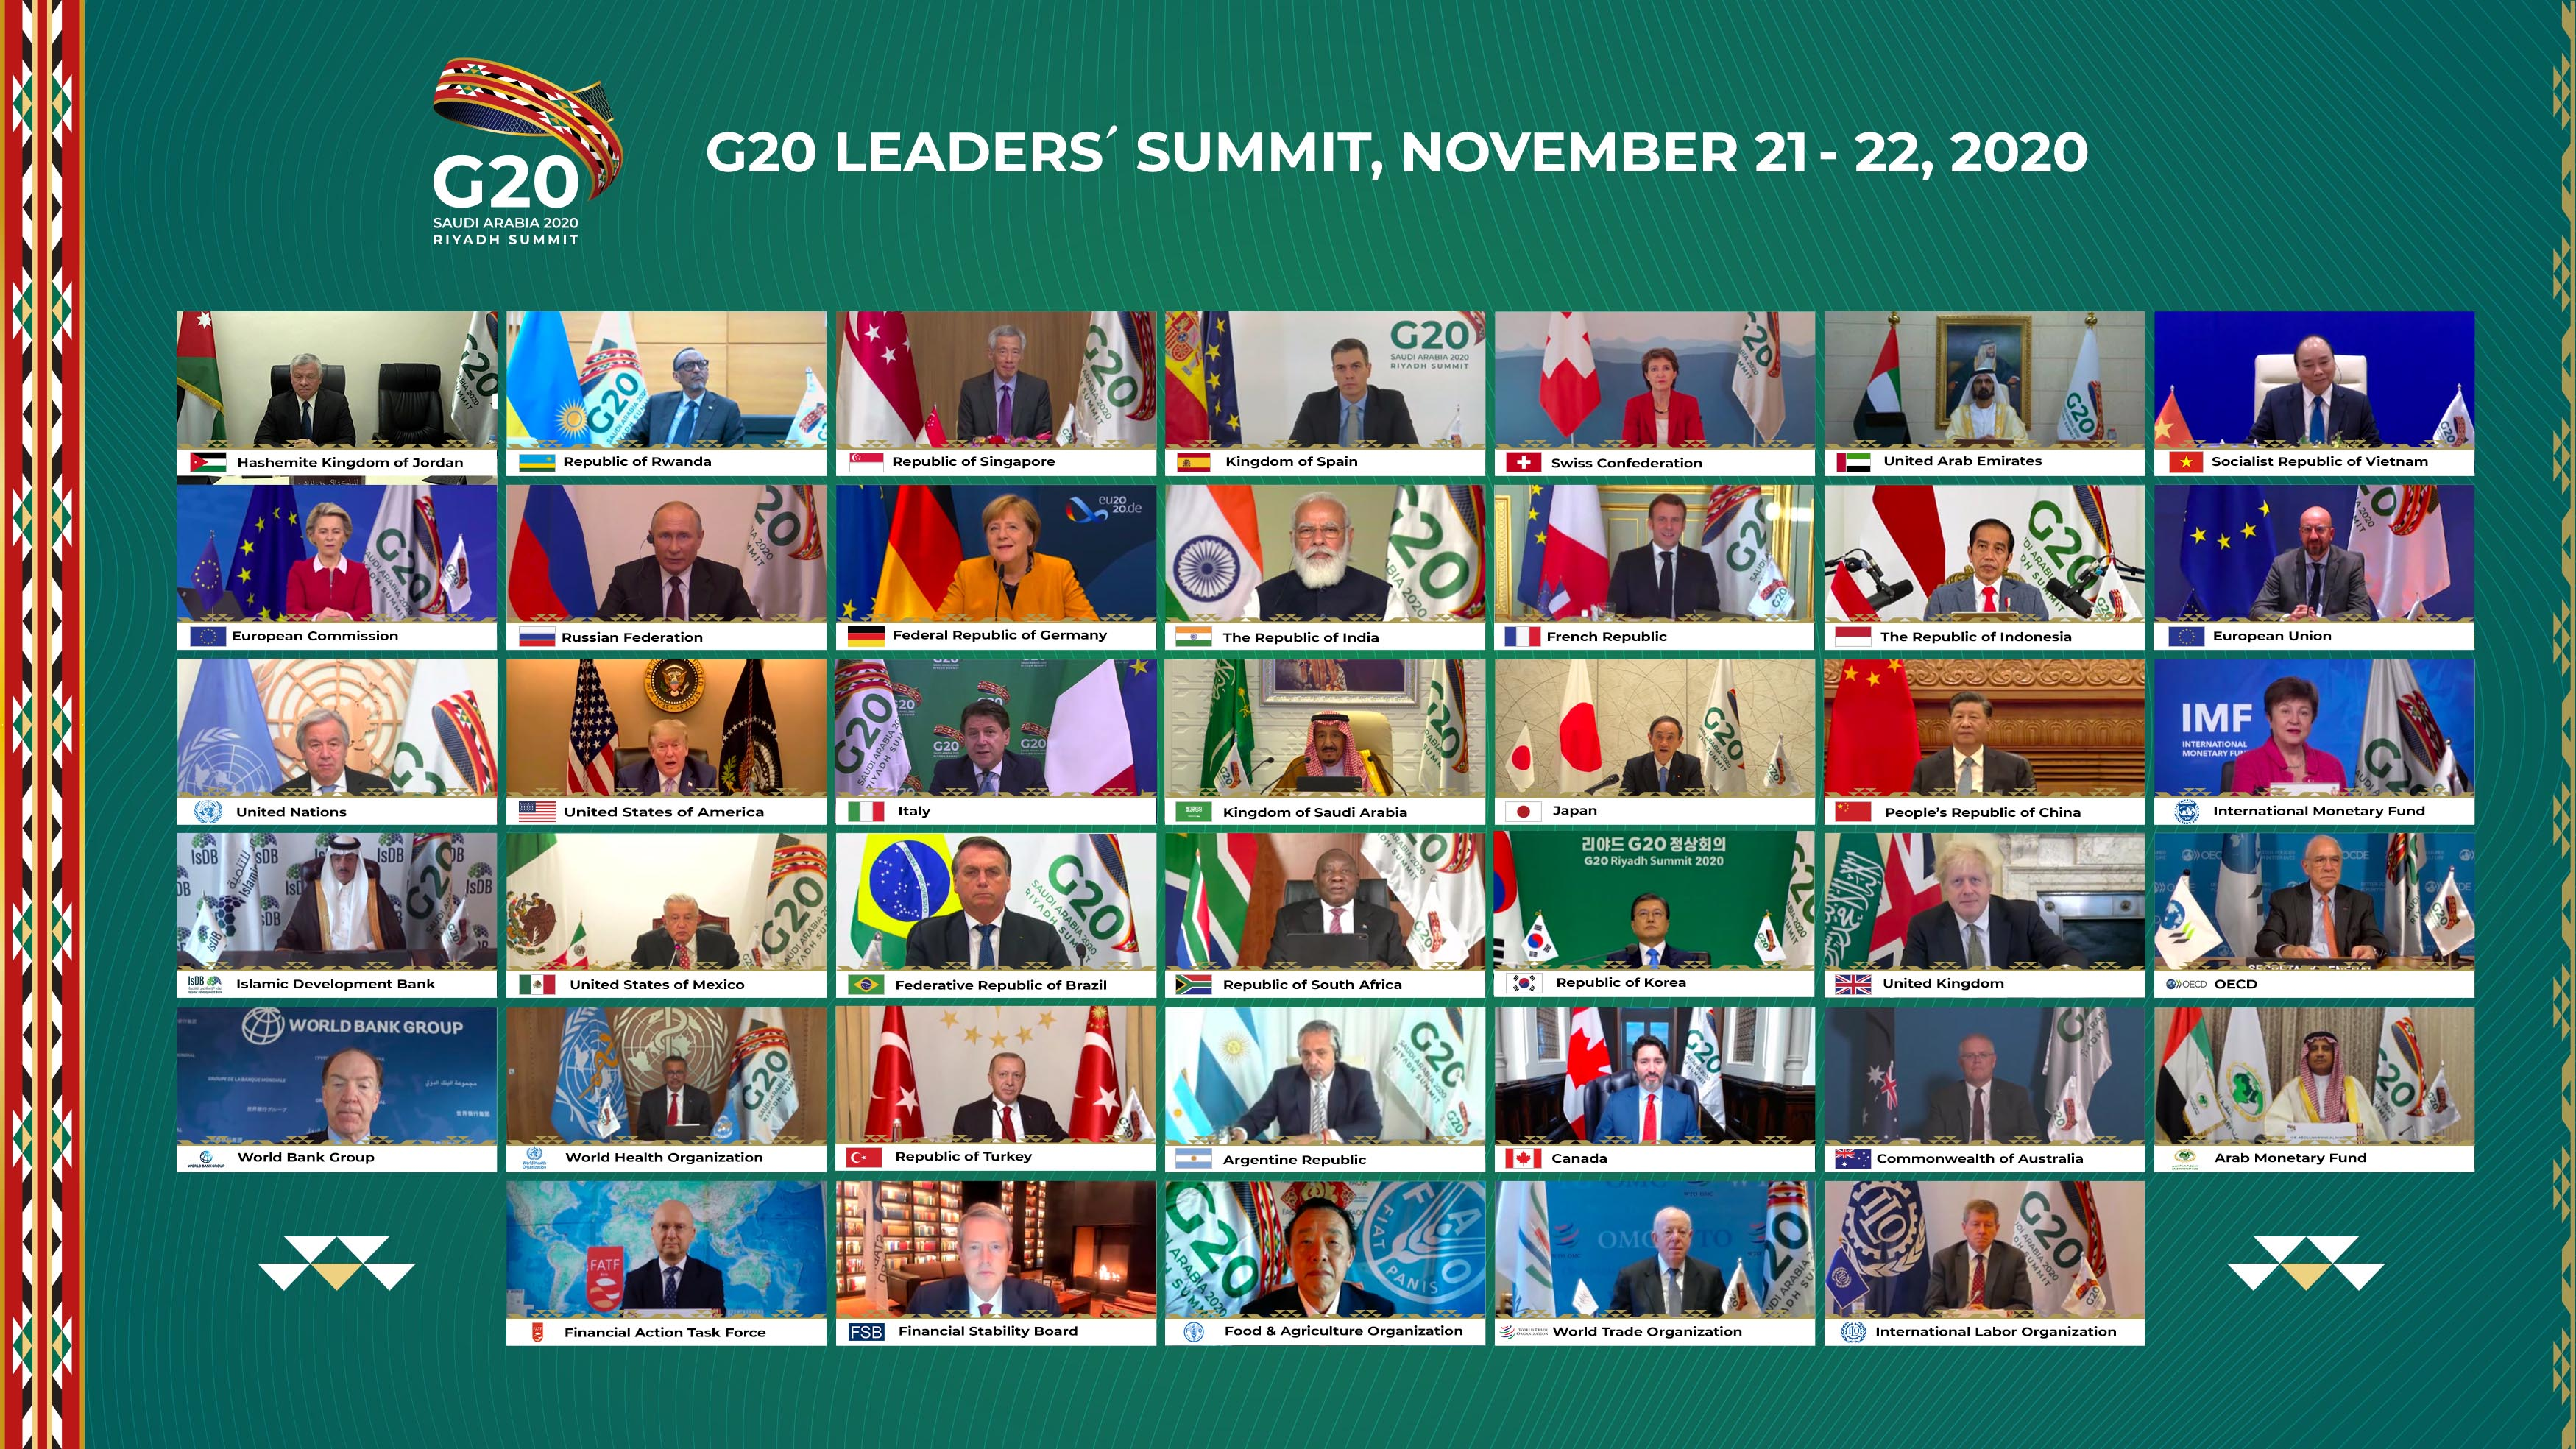 Los grandes temas en el arranque del G 20 — Pandemia y economía